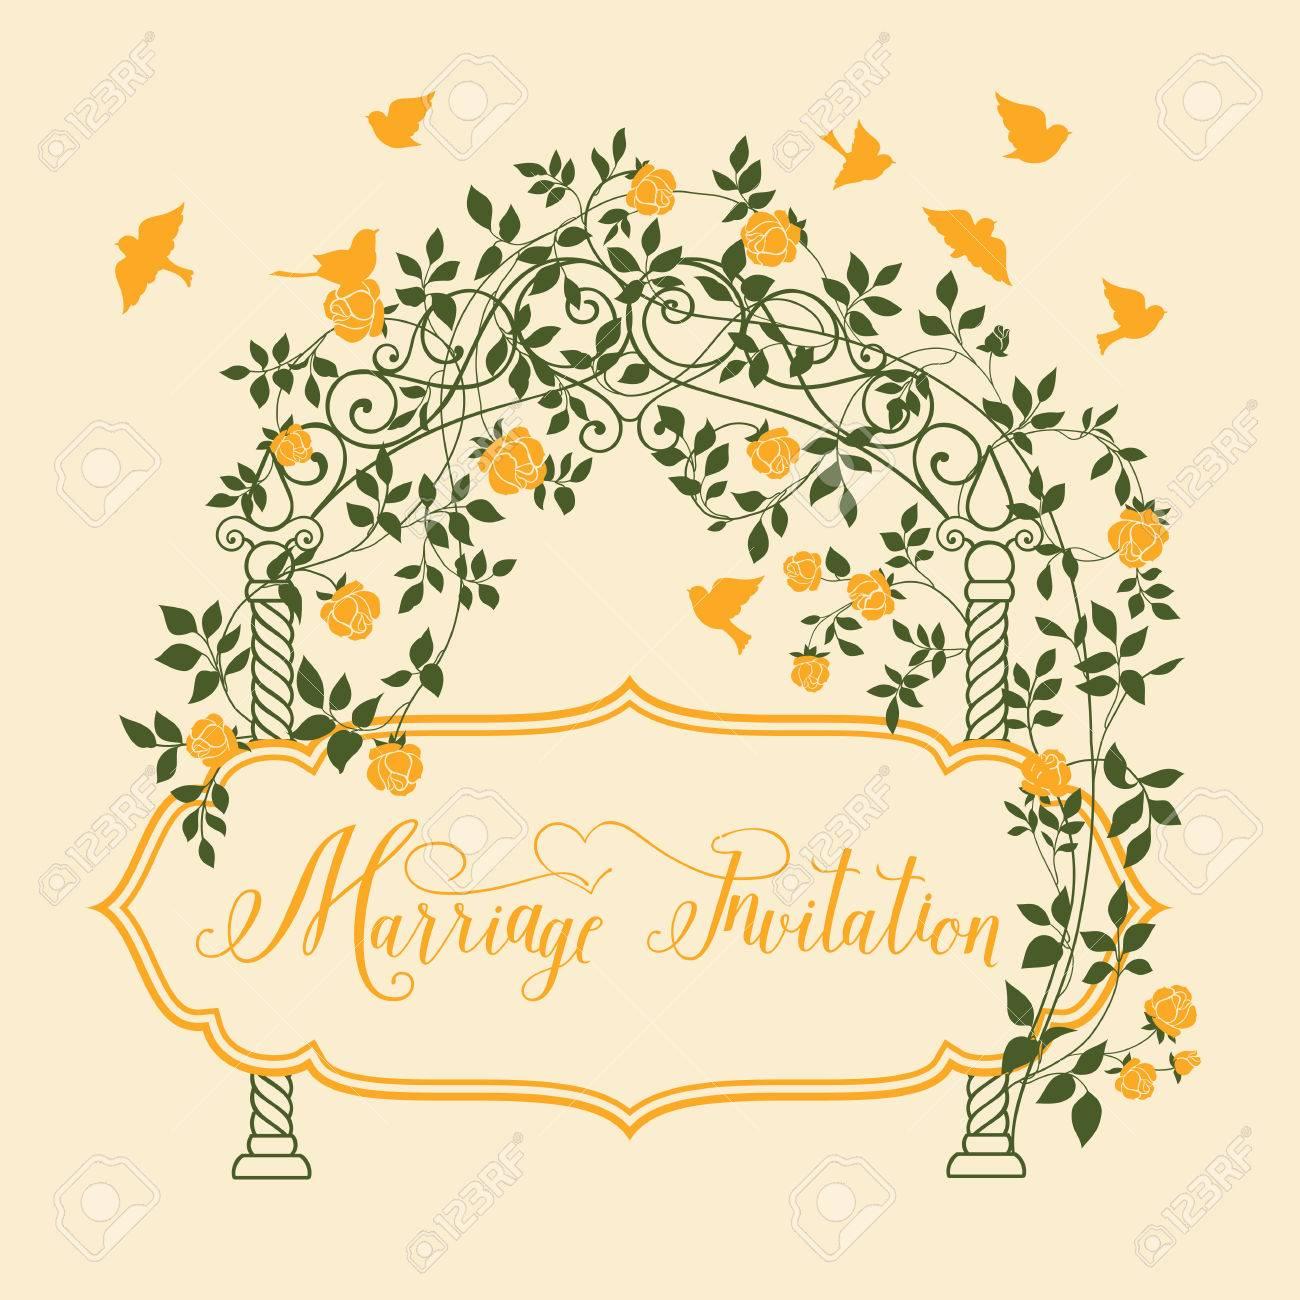 Heirat Einladungskarte Mit Blumengirlande Und Kalligraphischen Text.  Vektor Illustration. Lizenzfreie Bilder   37755116